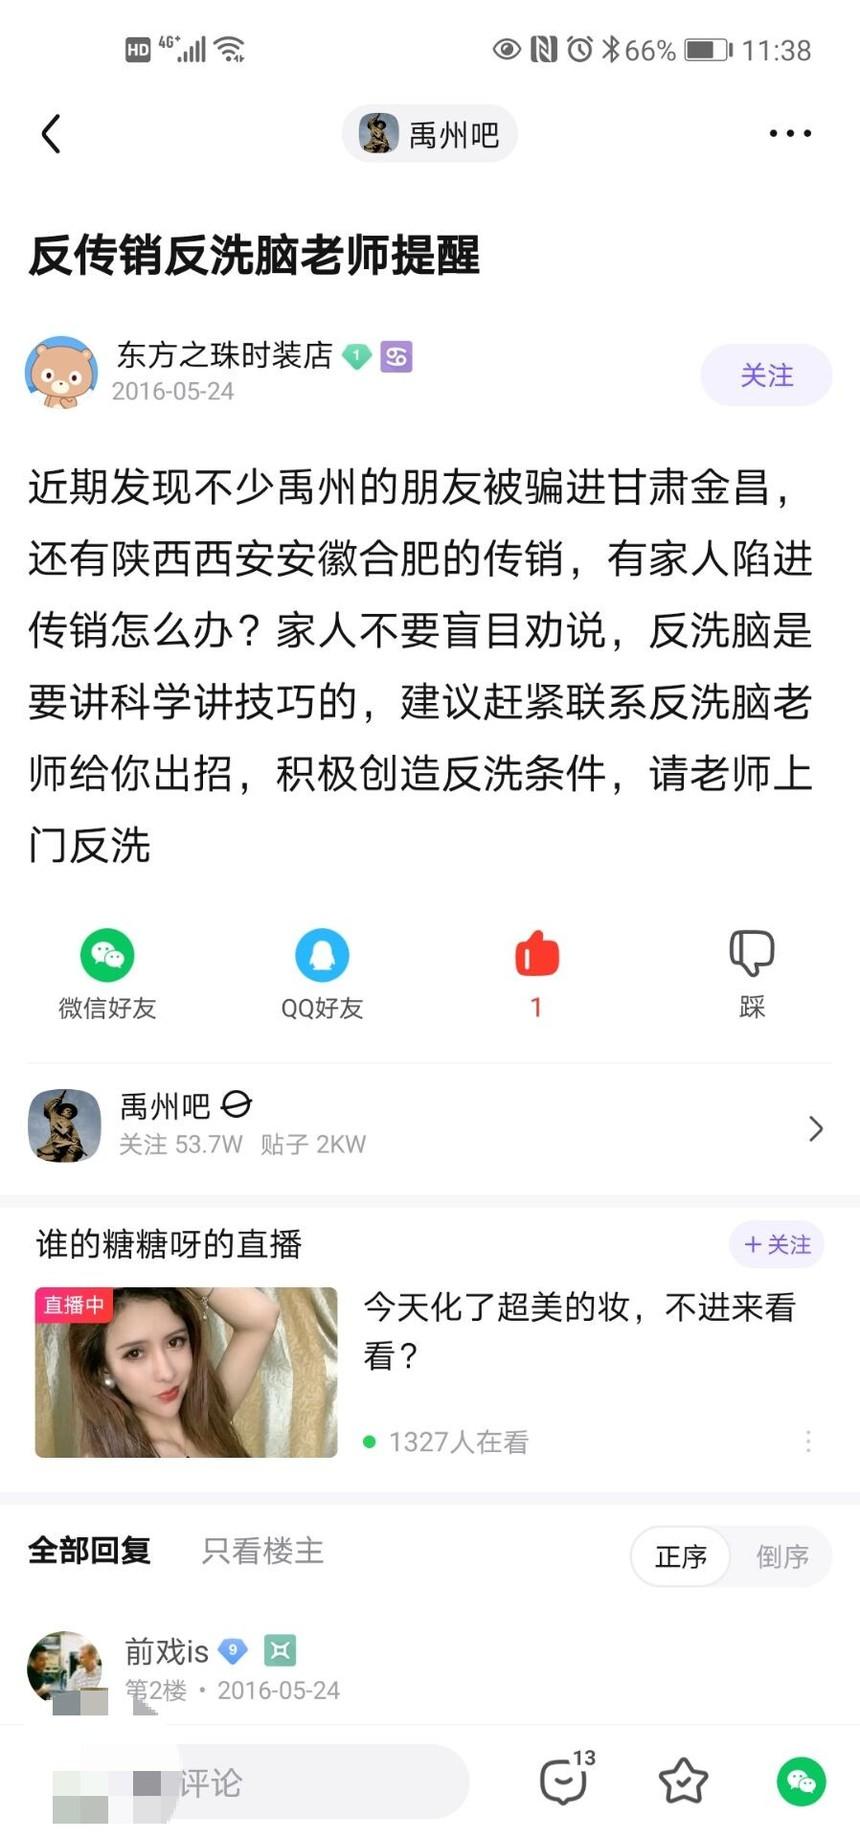 尤东方配图22.4.jpg